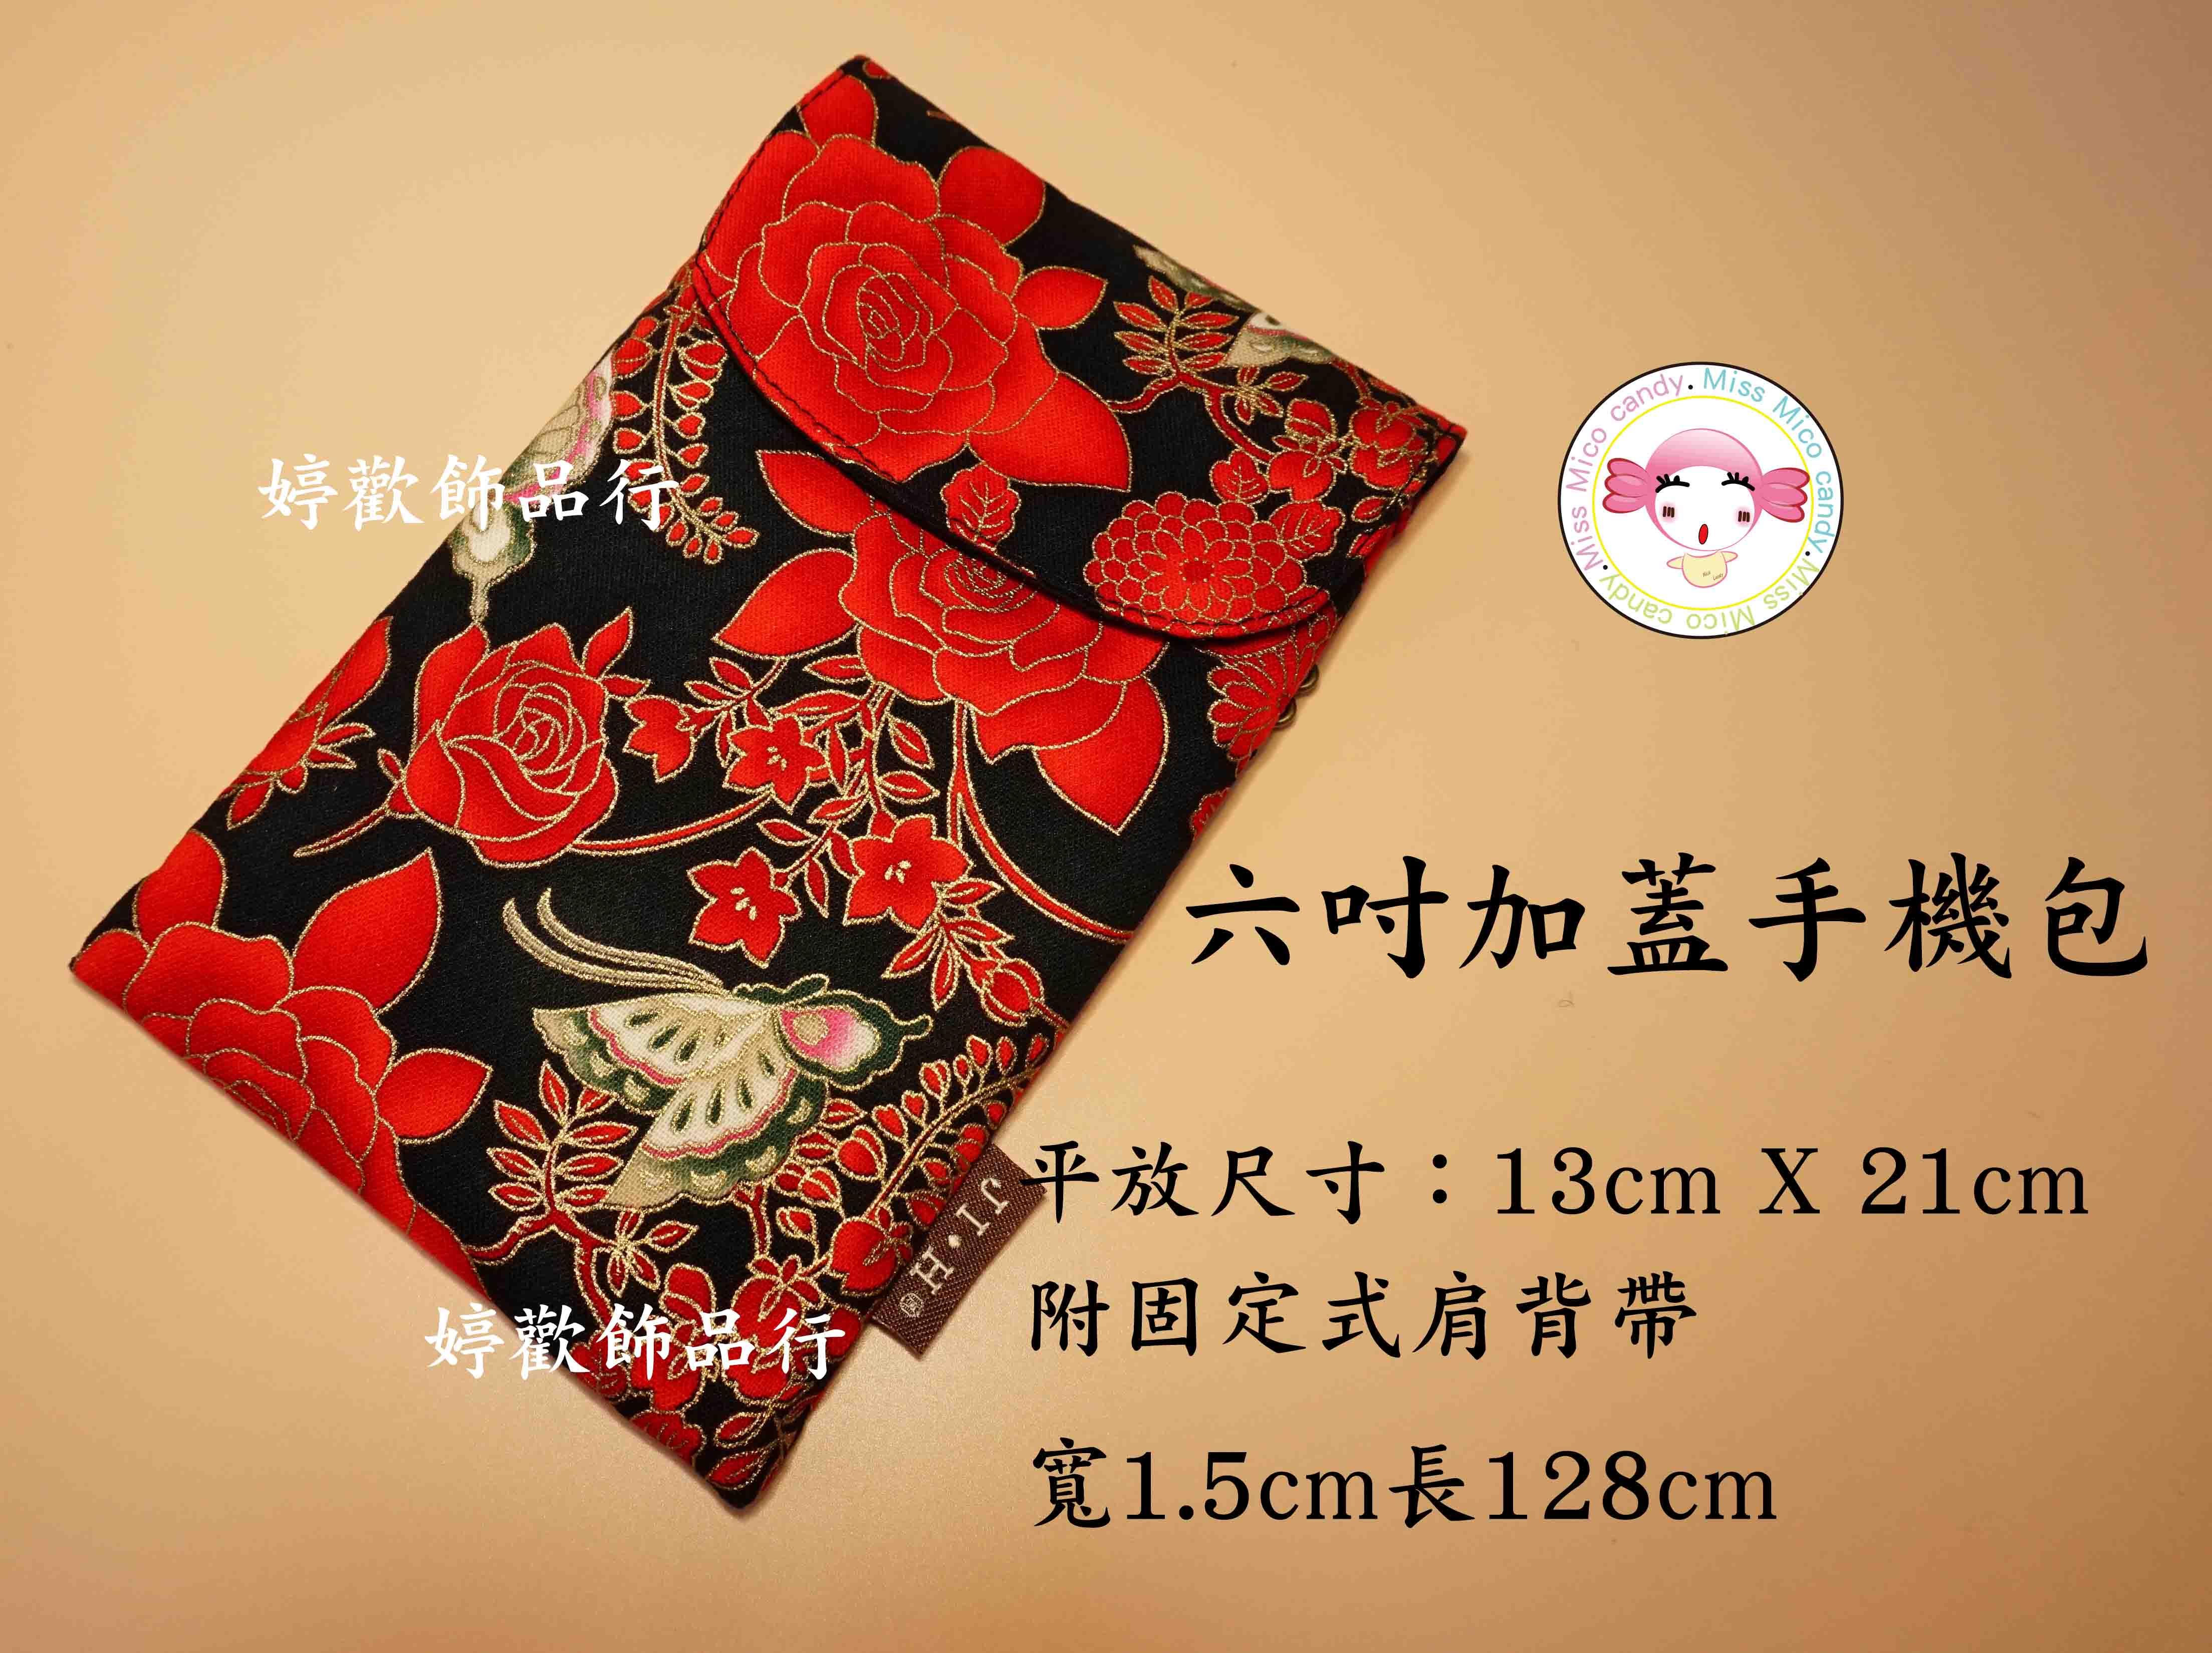 6吋加蓋側背手機袋相機包『casio zr.sony.Iphone . HTC . Samsung . 小米機』/蝴蝶與玫瑰